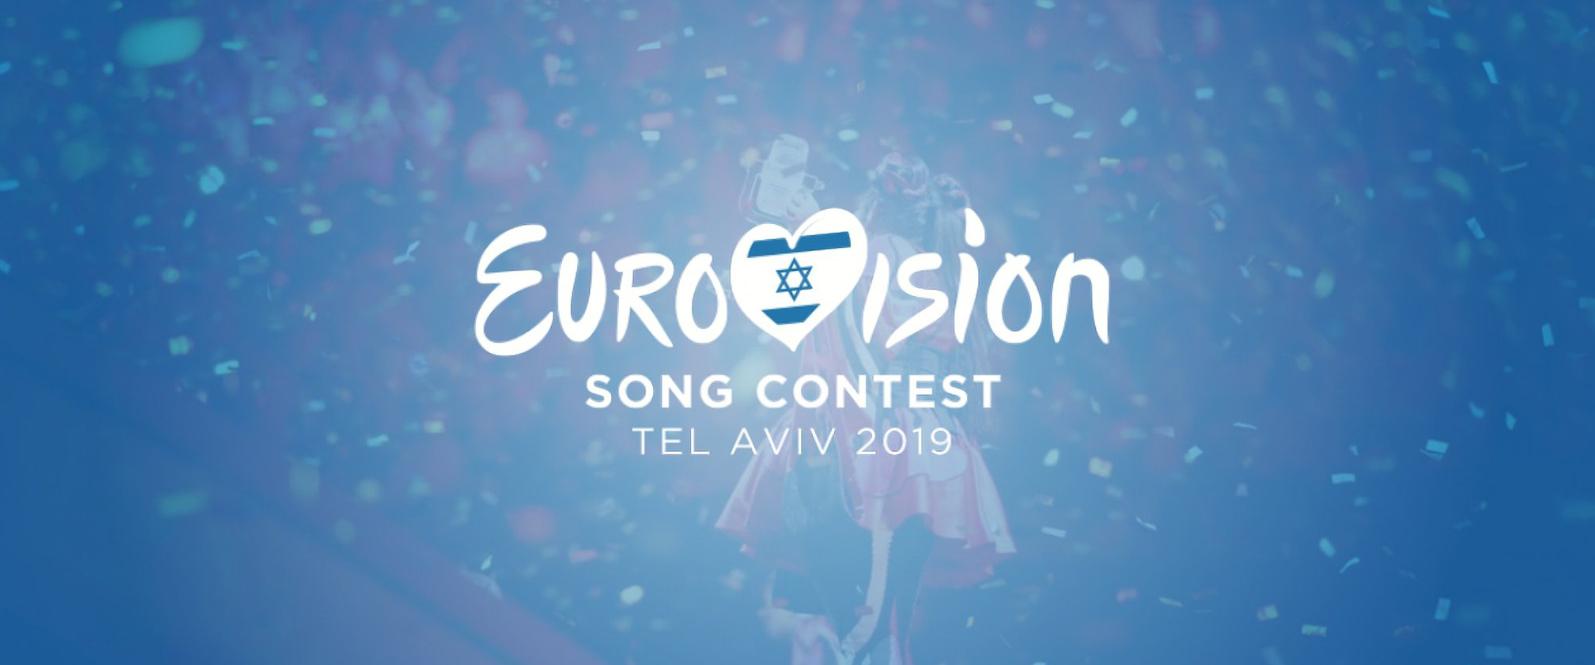 2019 Eurovision